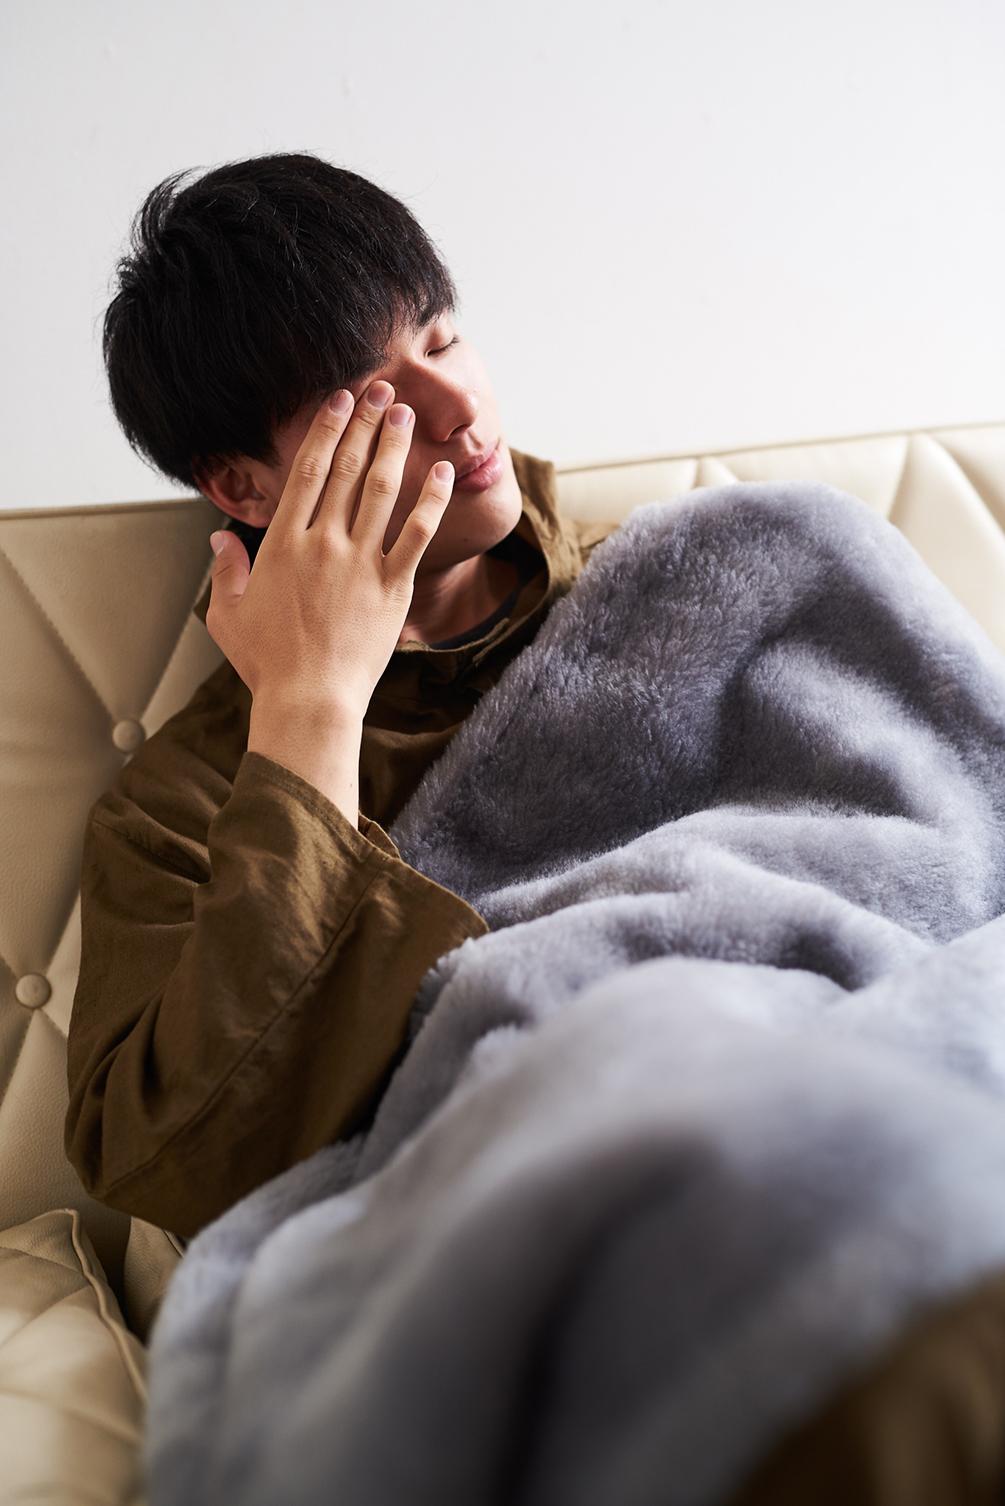 グレーは、目にとって一番自然な色。癒しグレーが叶える、あったか快眠空間。ふんわり毛足2cmのメリノウールが気持ちいい!軽い掛け心地の「毛布」|SERENE